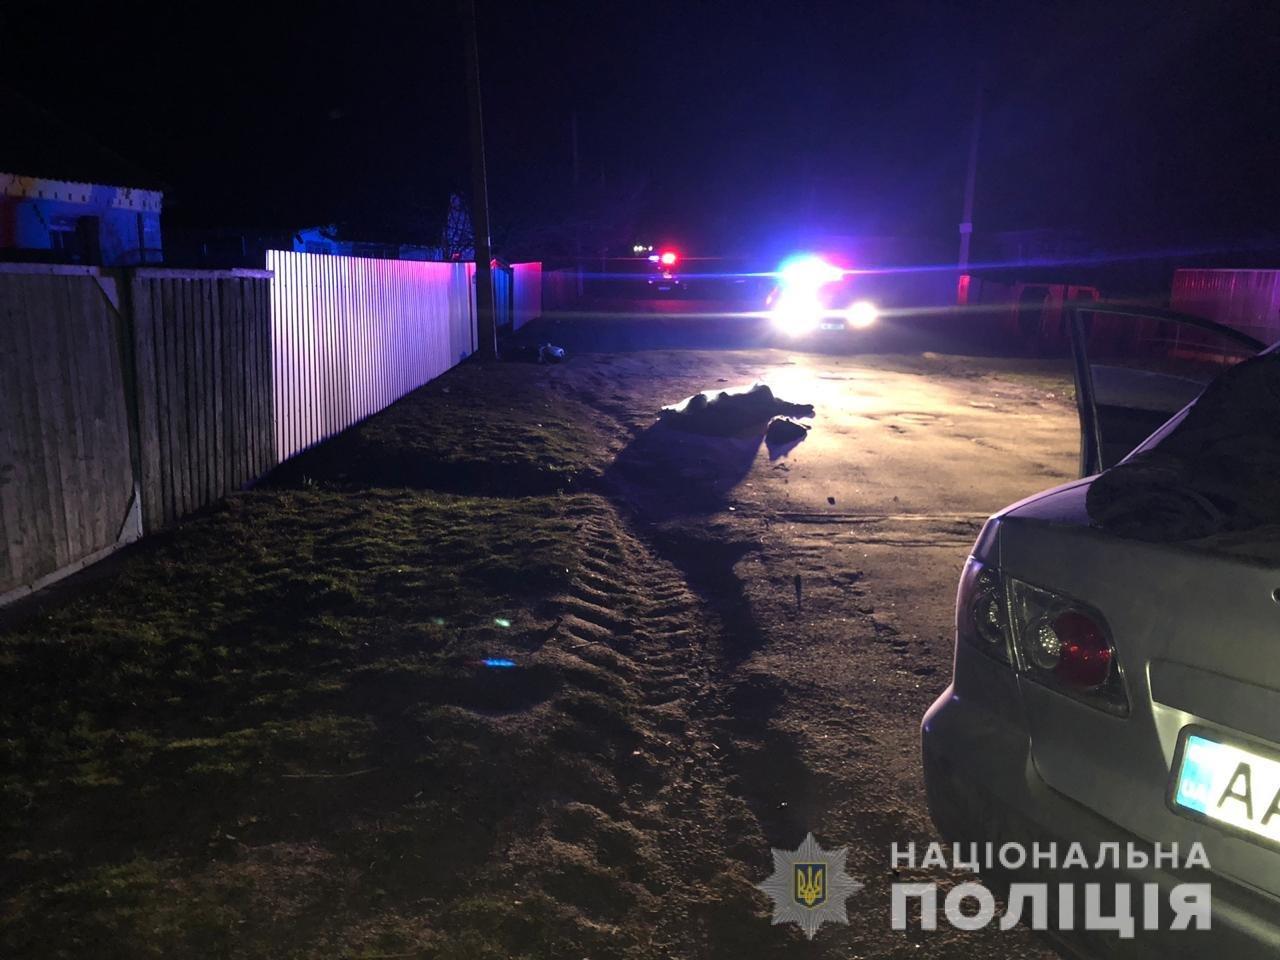 На Білоцерківщині 19-річний хлопець насмерть збив двох дівчат, фото-1